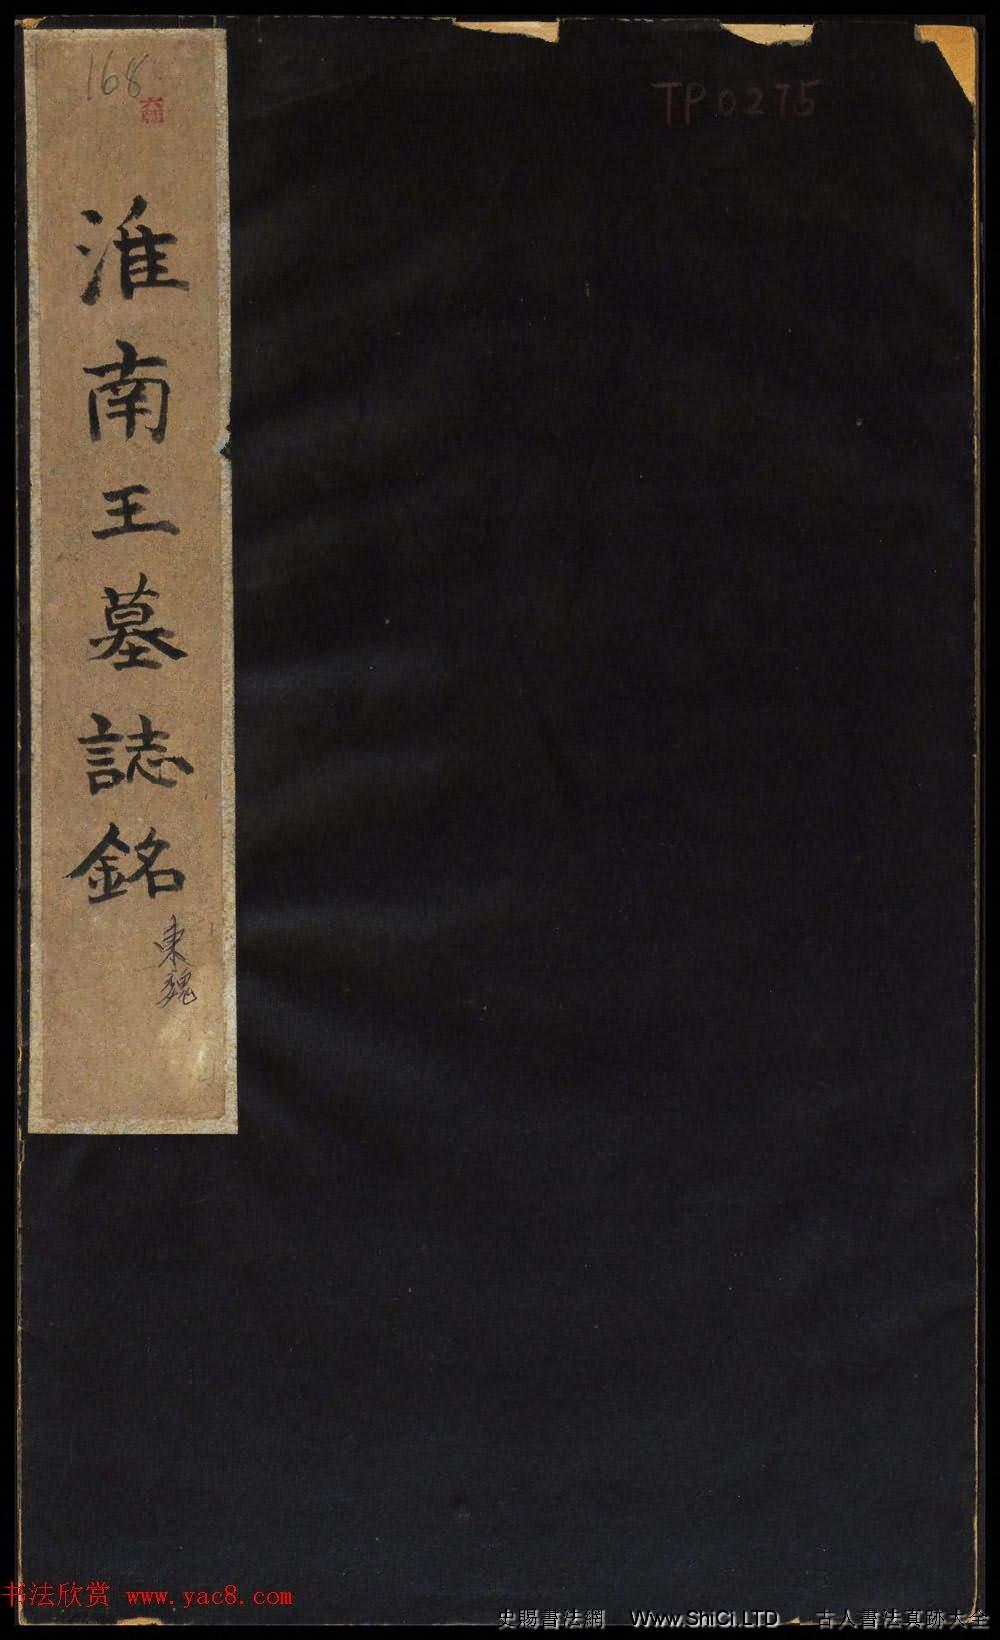 東魏書法石刻真跡欣賞《淮南王墓誌銘》高清本(共12張圖片)